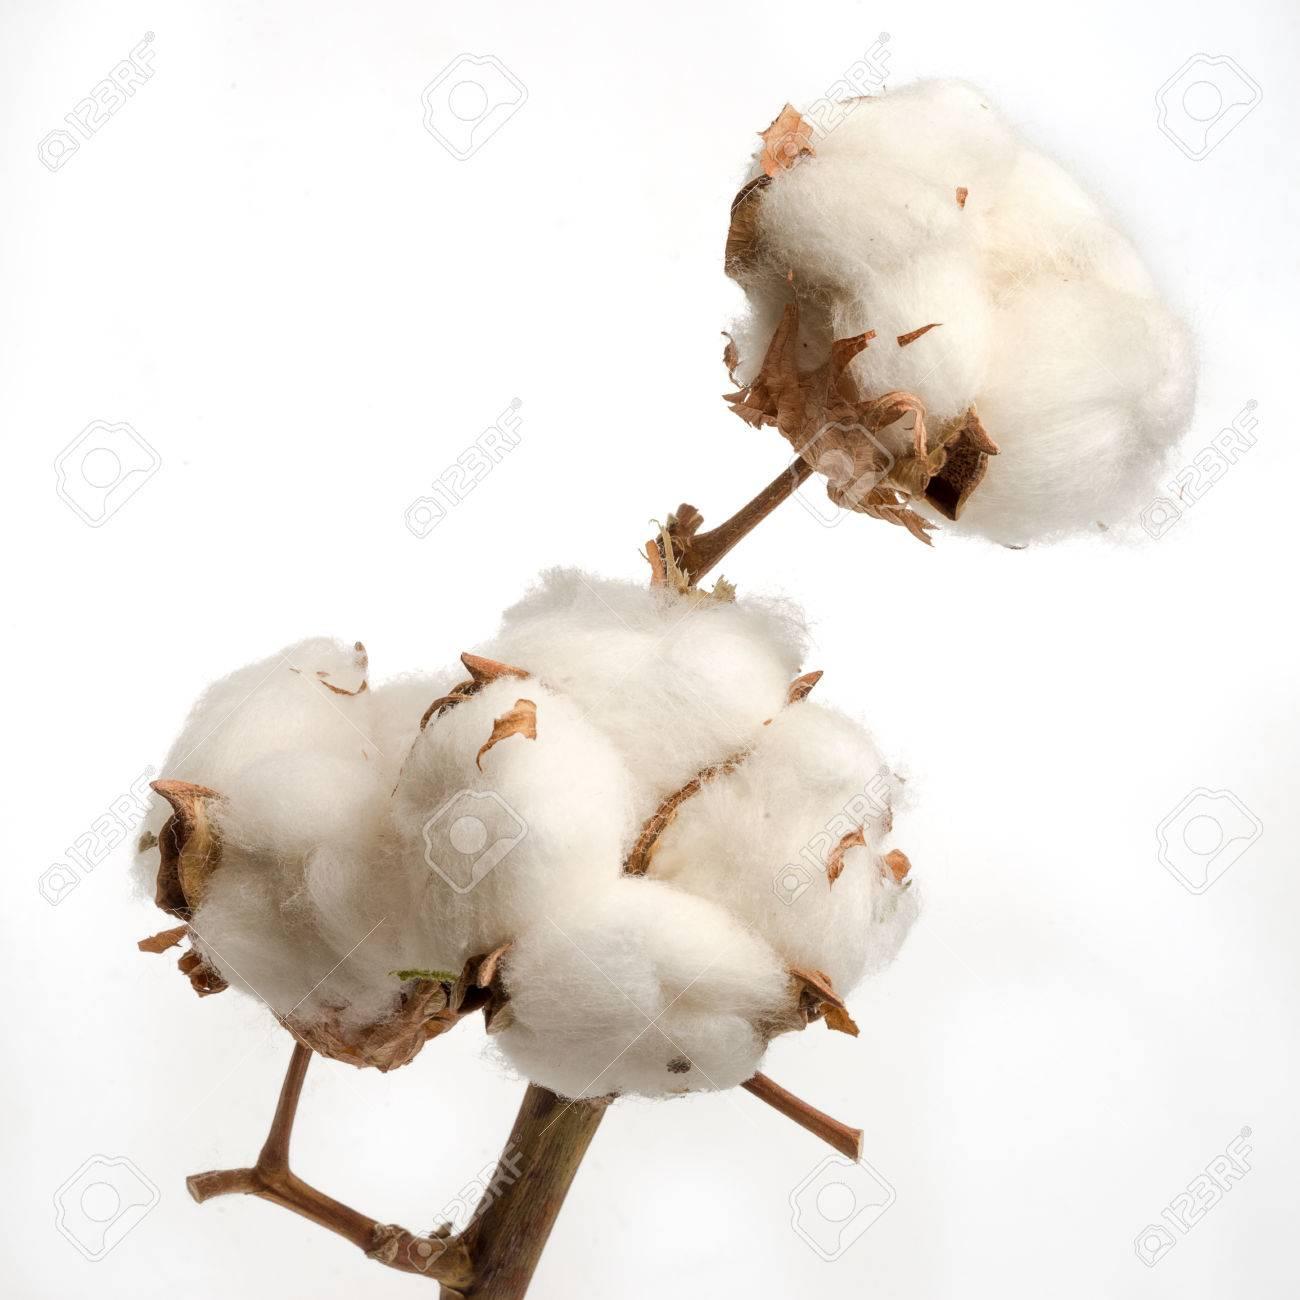 448c1f2247 Ramo di fiori di piante di cotone secco isolato su sfondo bianco